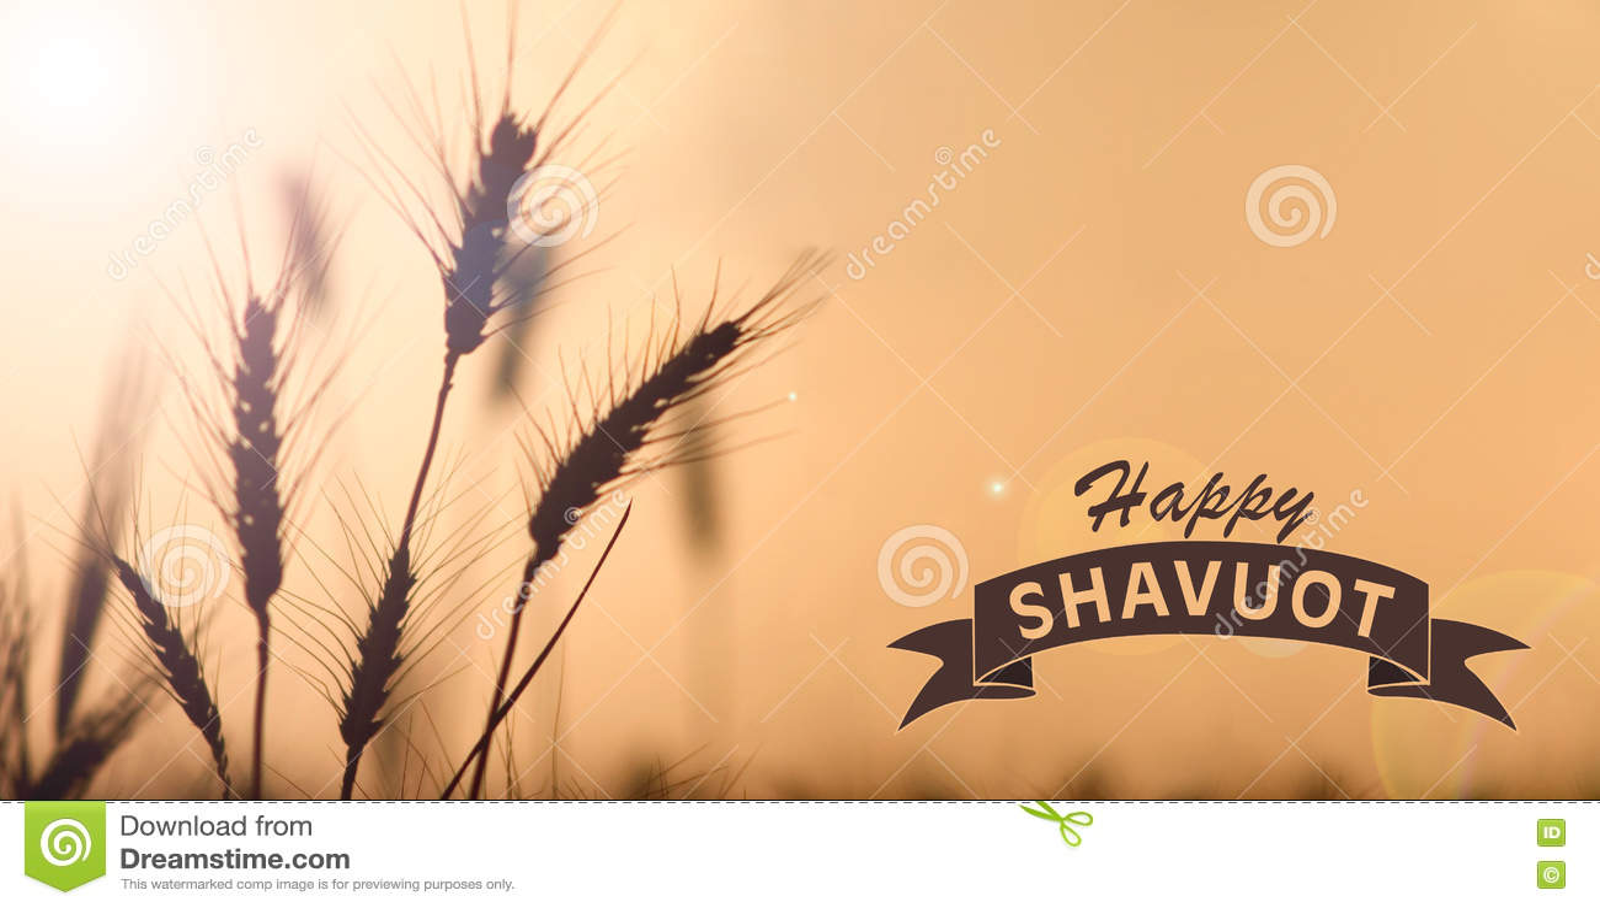 Szczęśliwa Shavuot karta